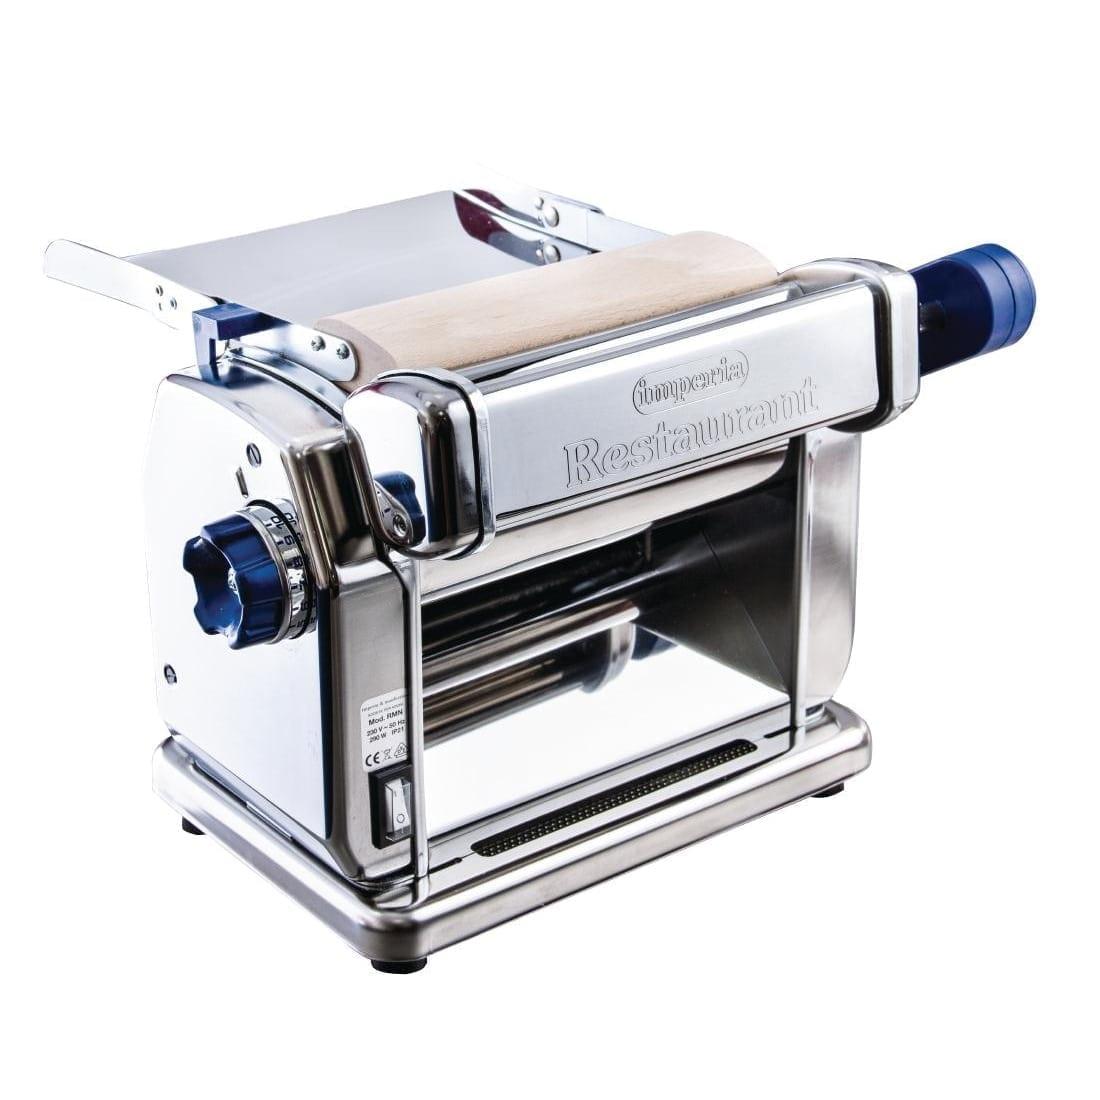 Imperia Electric Professional Pasta Machine 032-0